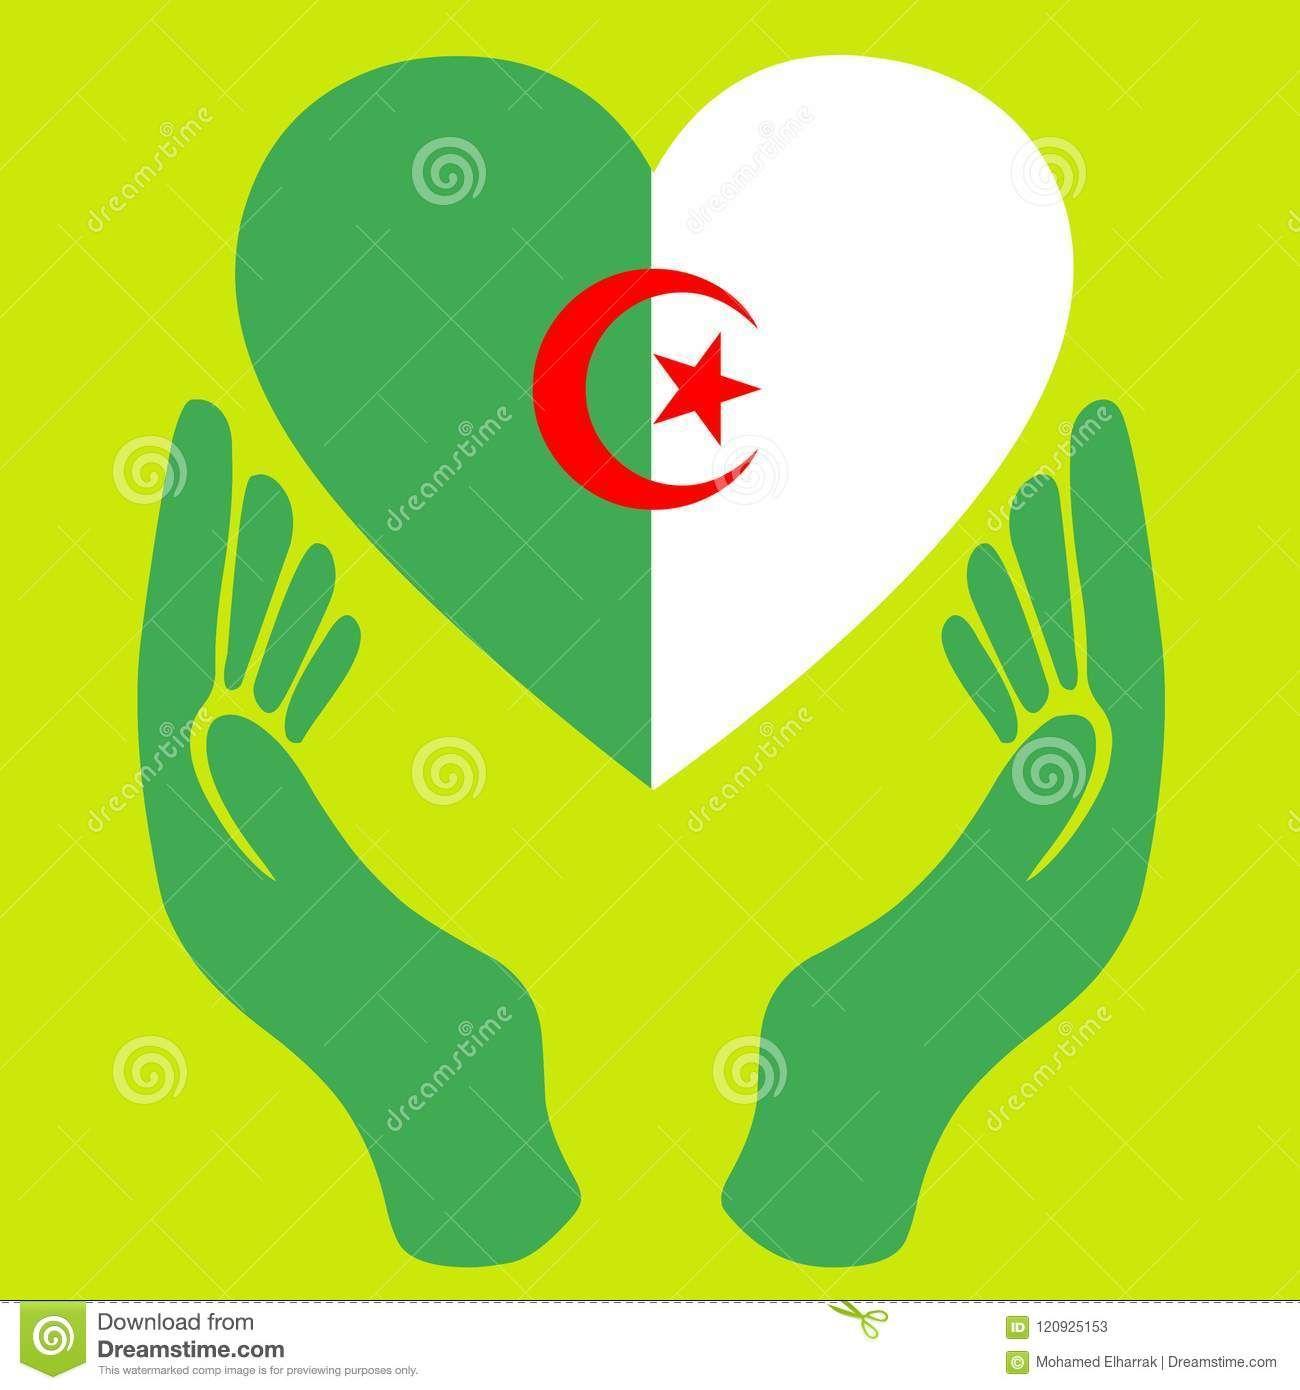 علم جزائري حب القلب أعطى أرصدة تصوير تصوير بسبب أعطى جزائري 120925153 Vector Illustration Algeria Flag Illustration